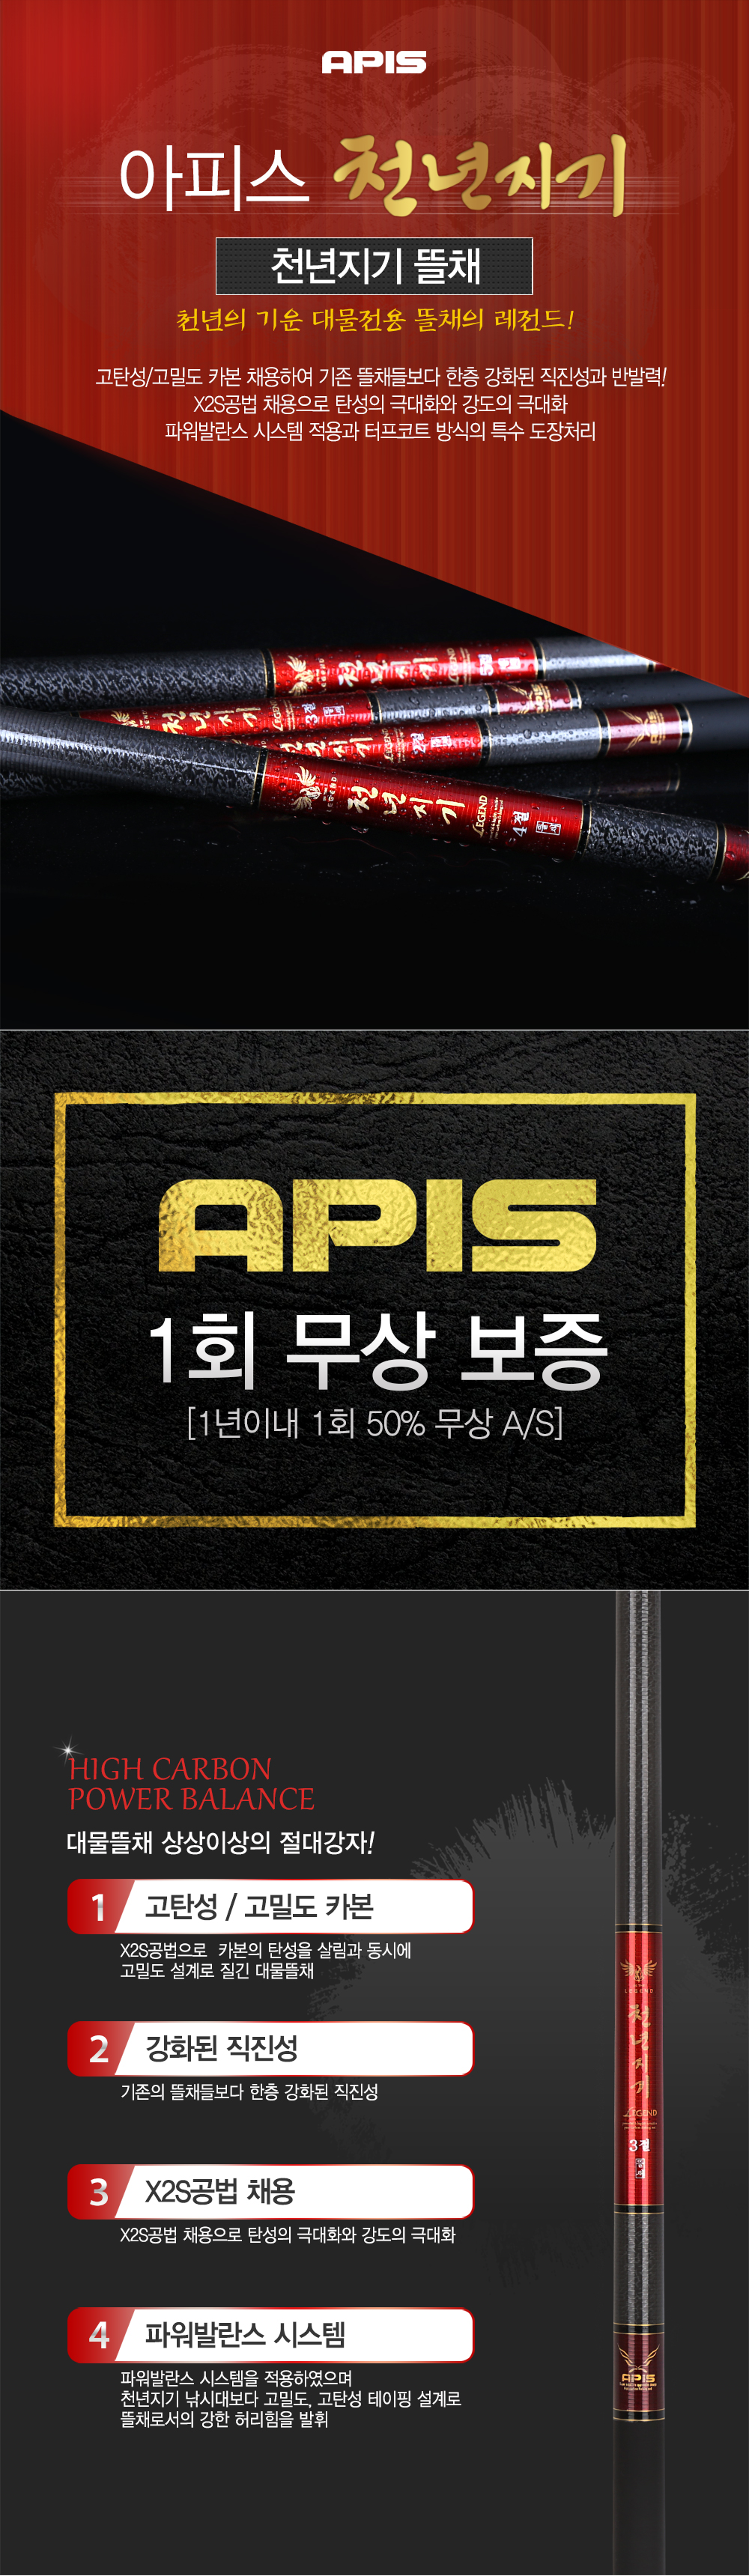 아피스 천년지기 뜰채(뜰채망 별도) 1년1회 50% 무상보증 뜰채 민물뜰채 붕어뜰채 잉어뜰채 민물뜰망 뜰망 붕어뜰망 잉어뜰망